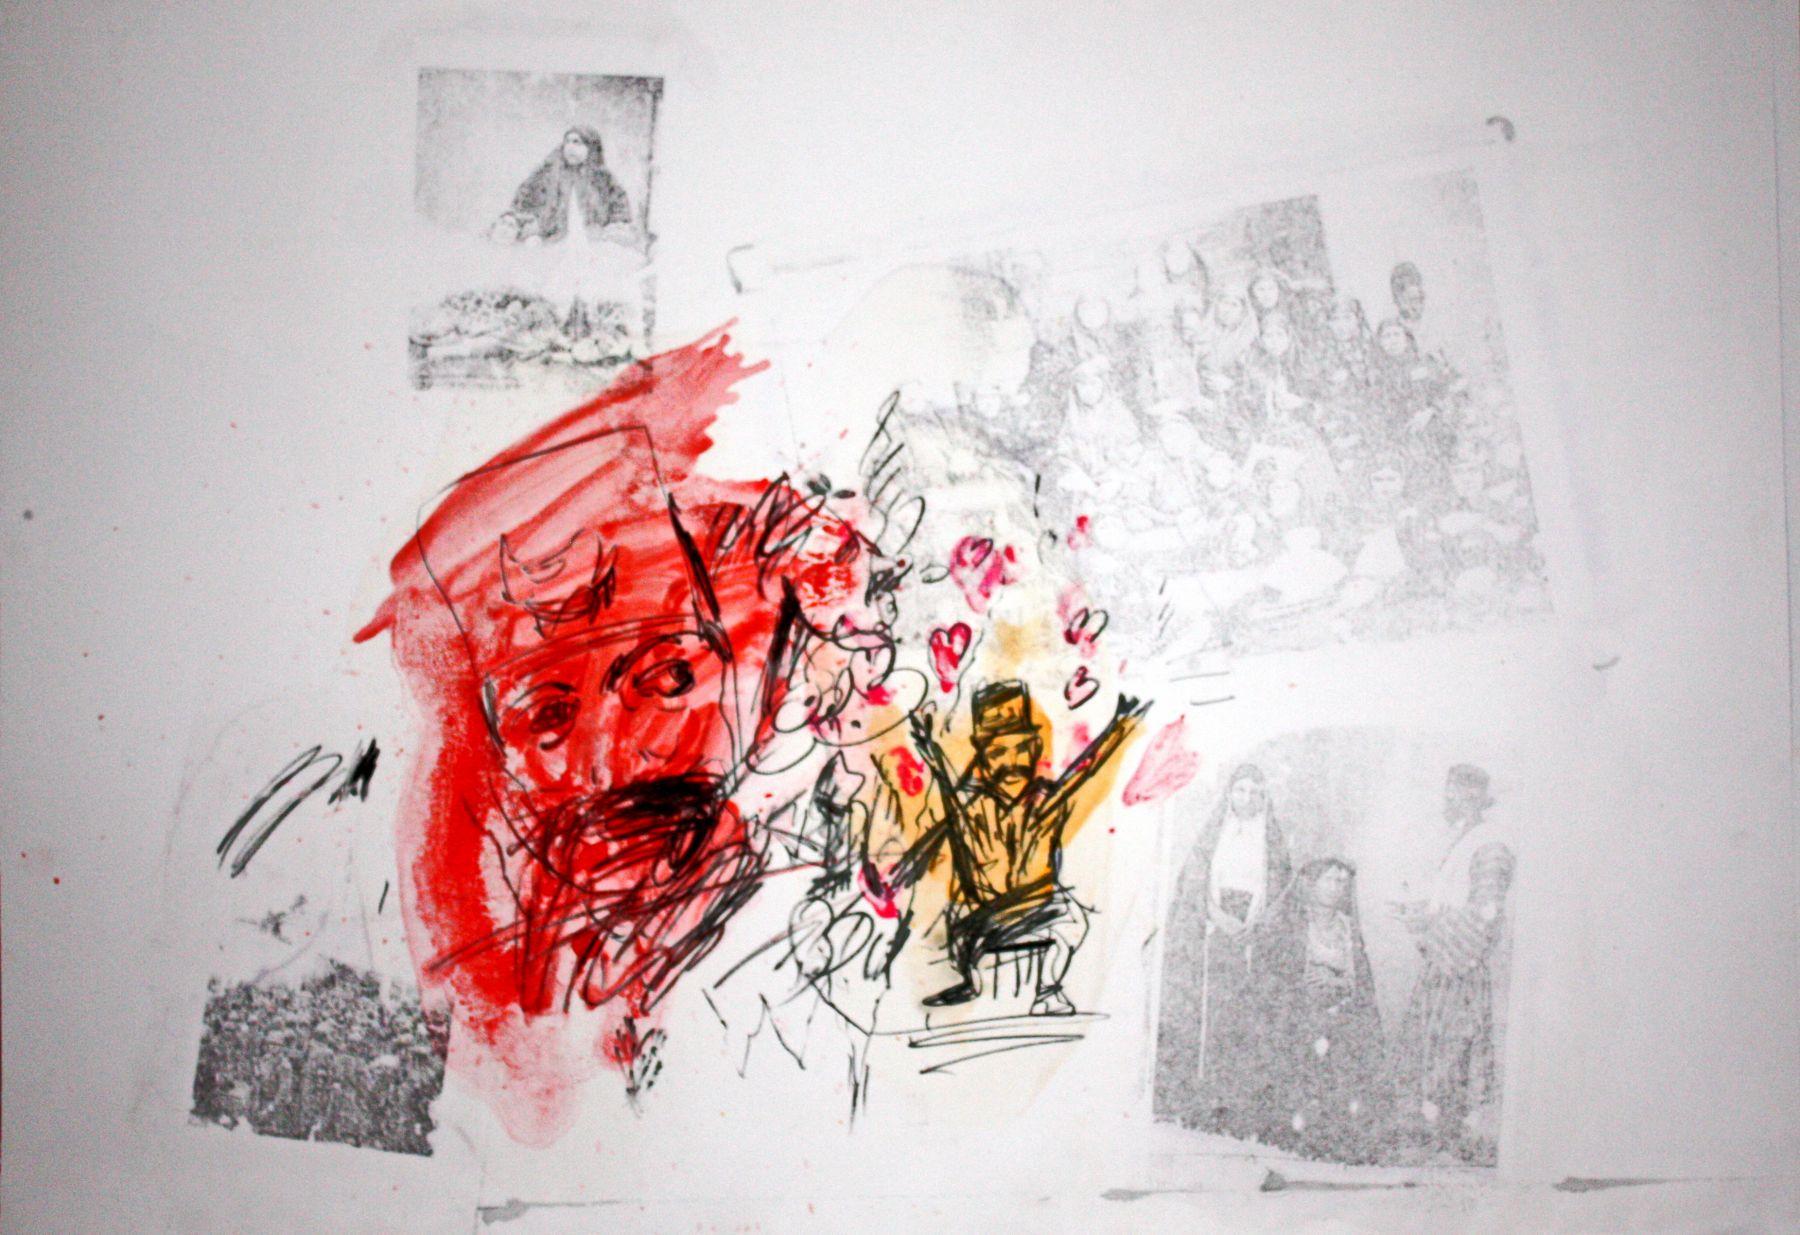 Untitled by artclvb Artist Mostafa Choobtarash